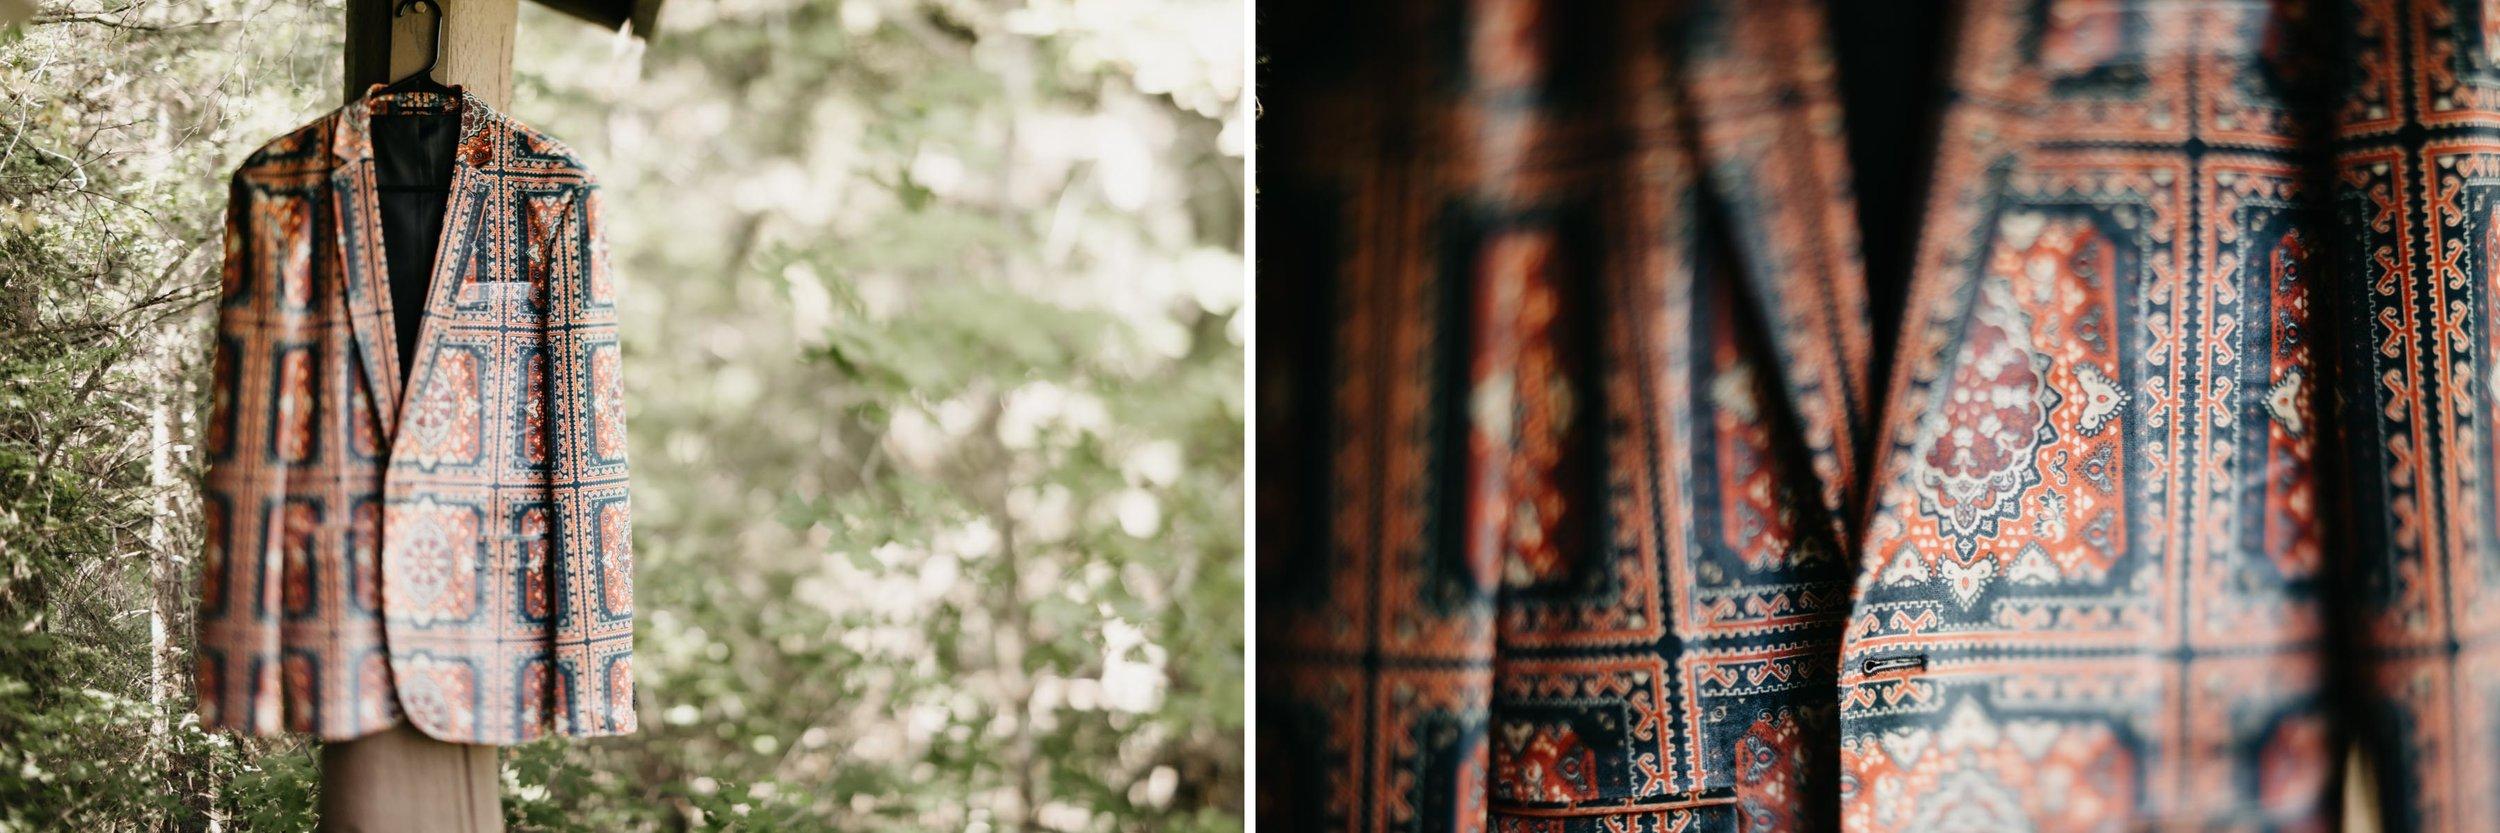 Sundance-Wedding-Photographer-01.jpg